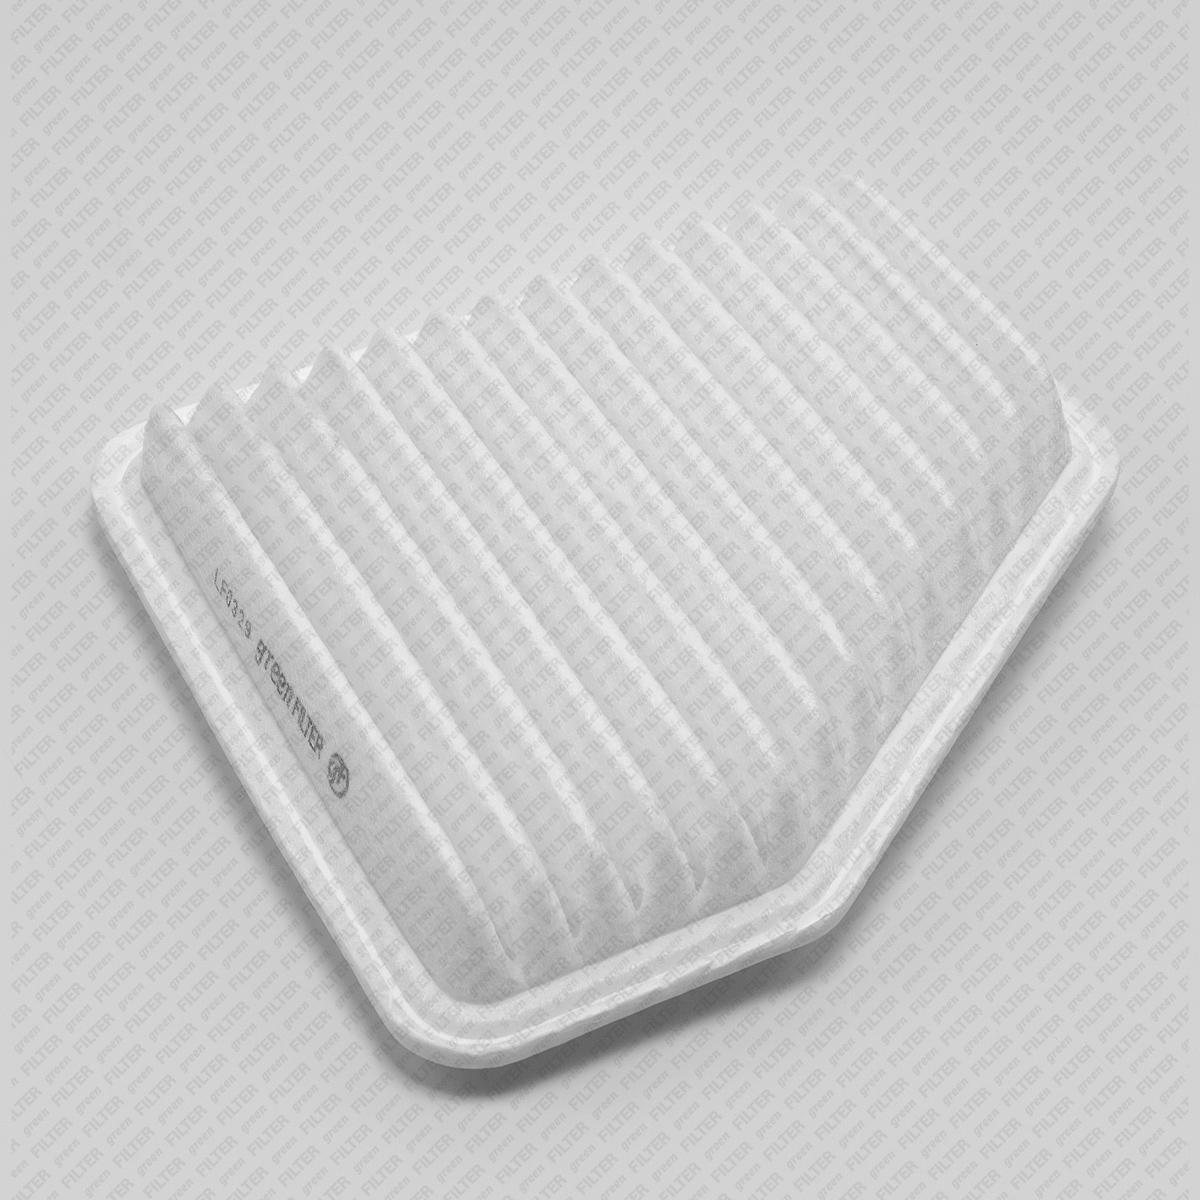 GREEN FILTER LF0329   Фильтр воздушный LEXUS,TOYOTA   Купить в интернет-магазине Макс-Плюс: Автозапчасти в наличии и под заказ